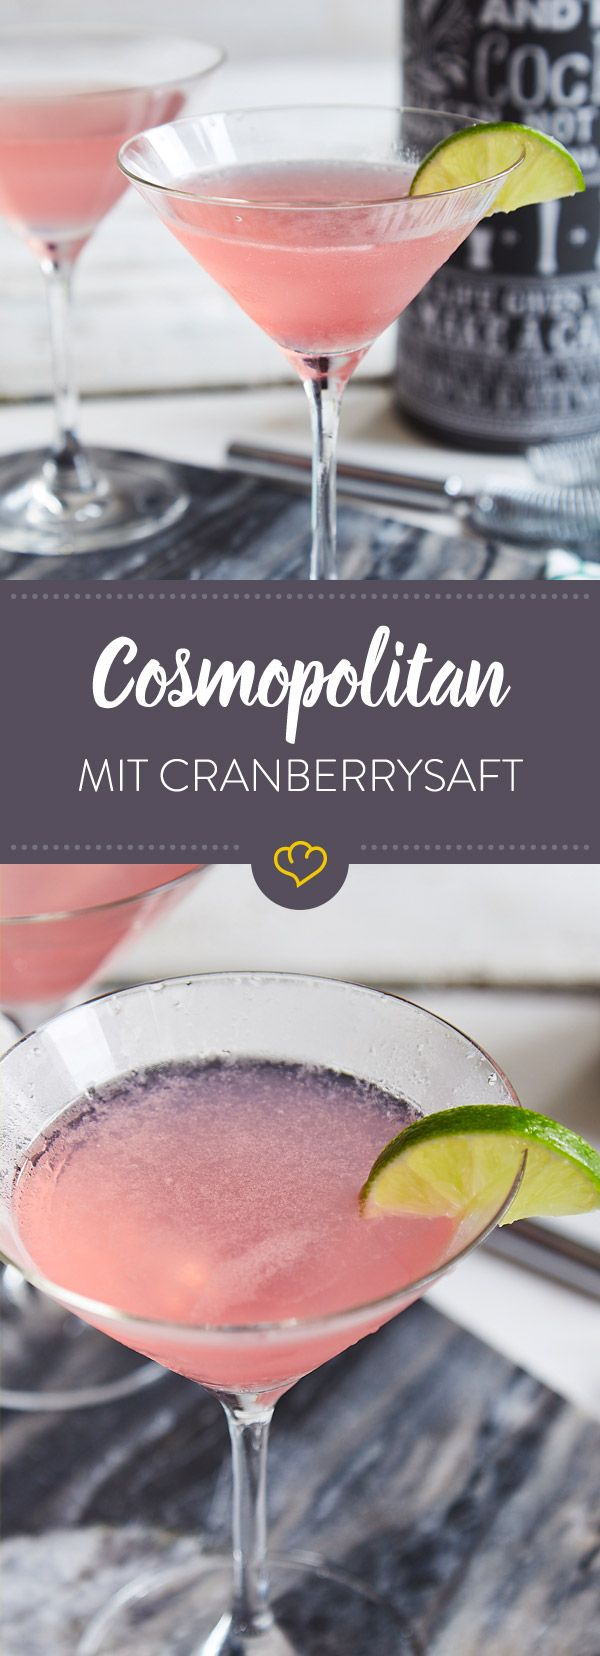 72 best Hausbar - Cocktails im Wohnzimmer images on Pinterest ...